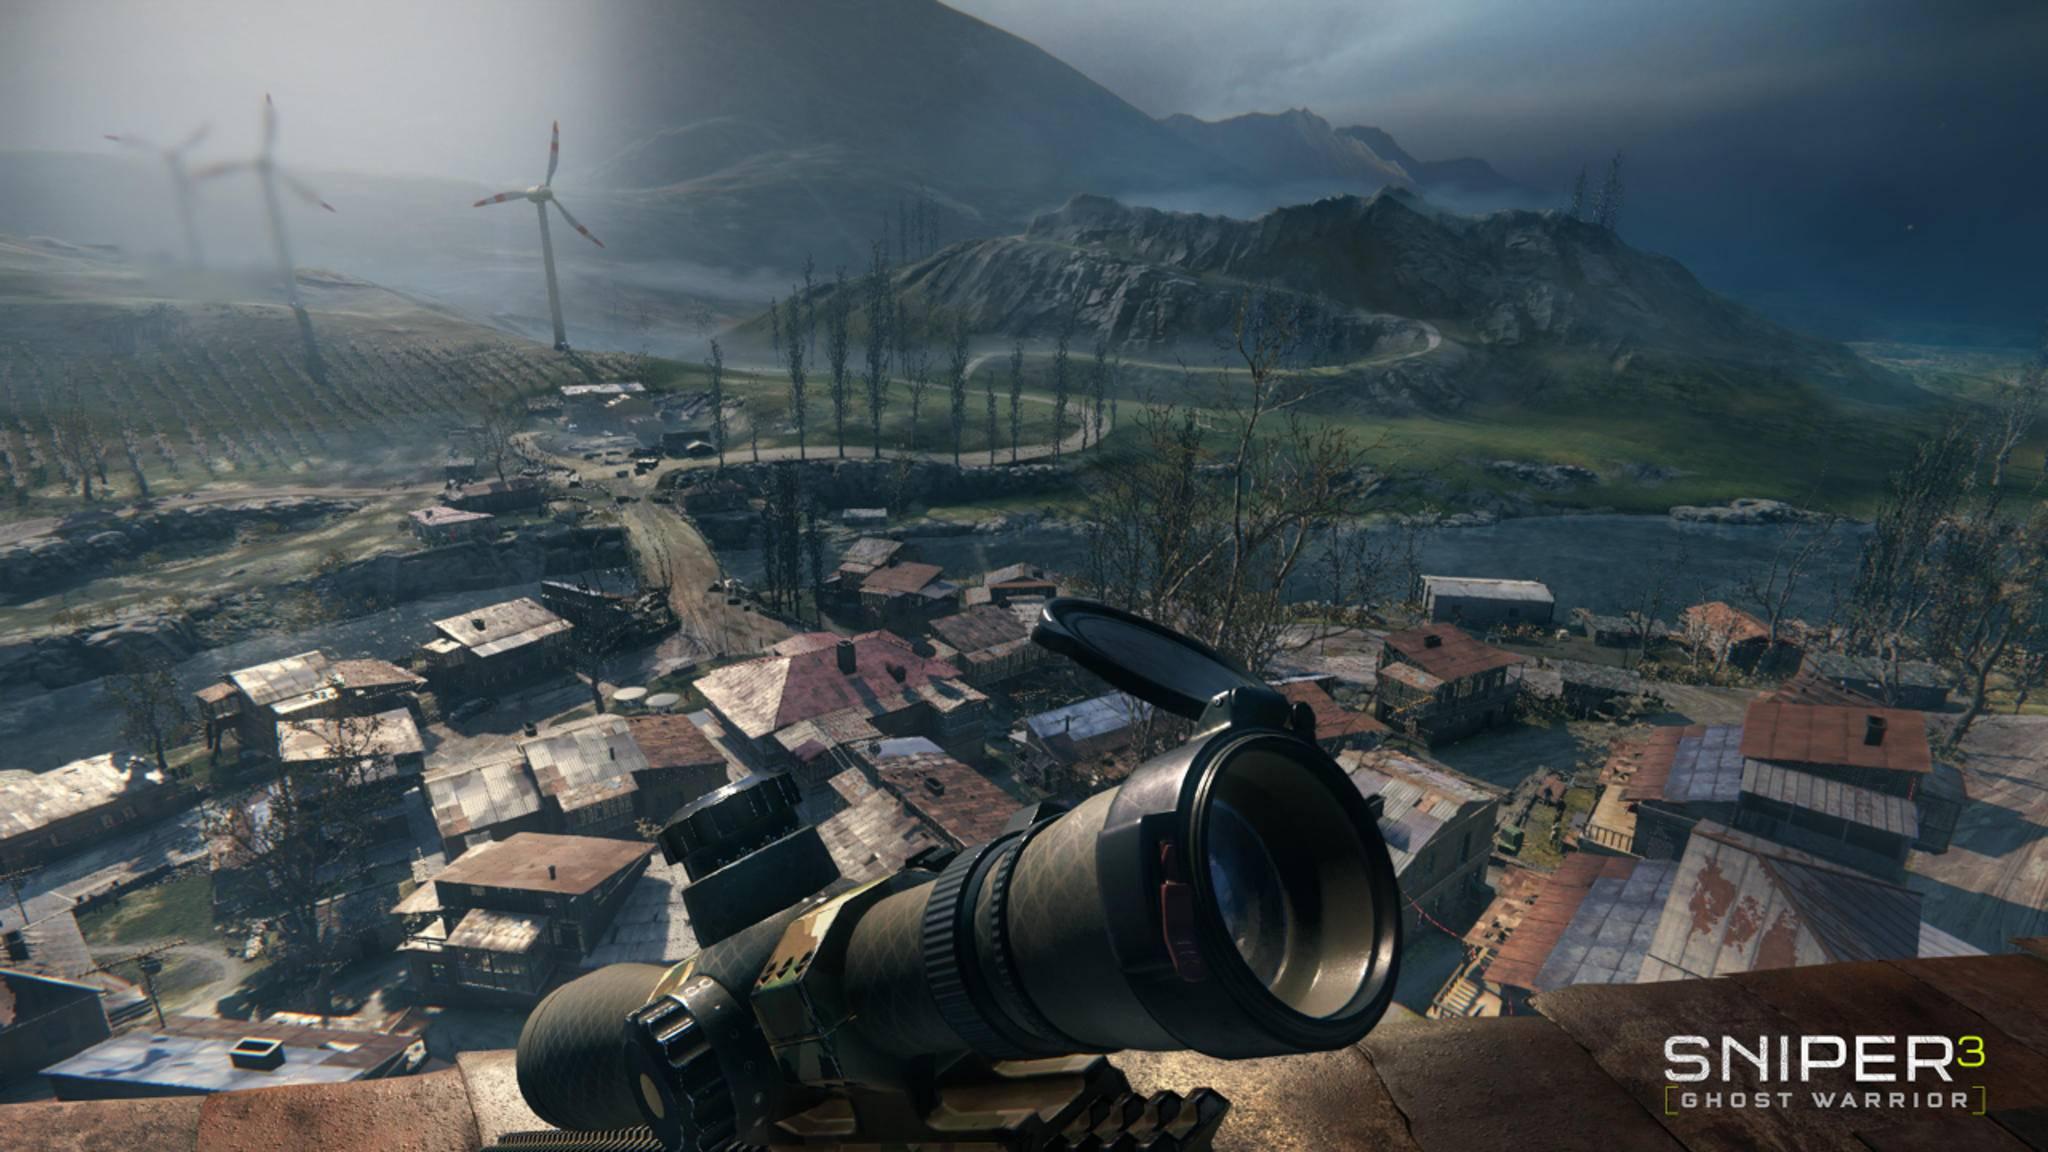 Multiplayer von Sniper: Ghost Warrior 3 erst später